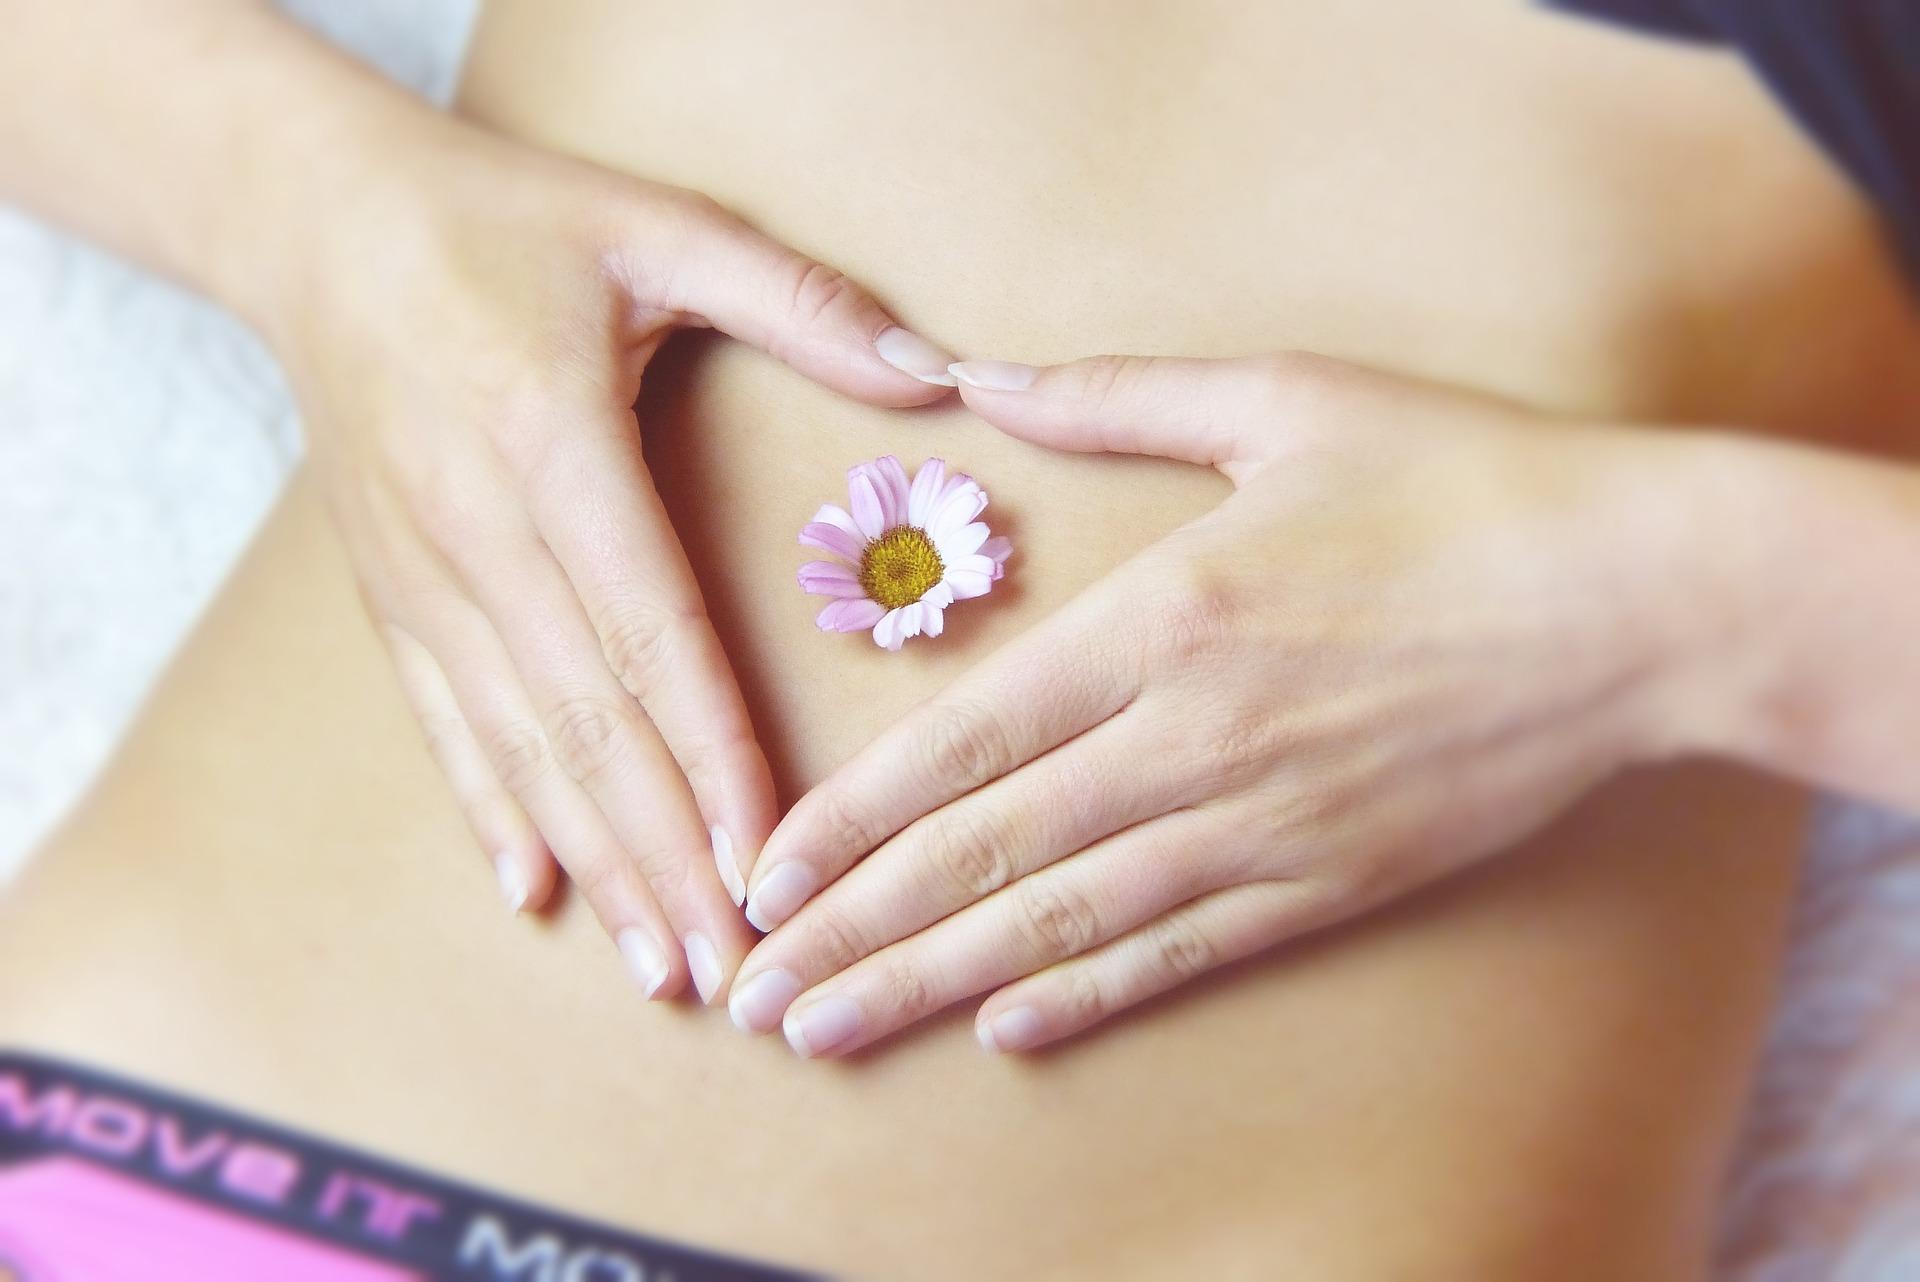 Gasig mage när man äter kan bero på glutenintolerans - www.alyzme.se listar självtest för att testa hälsan hemma